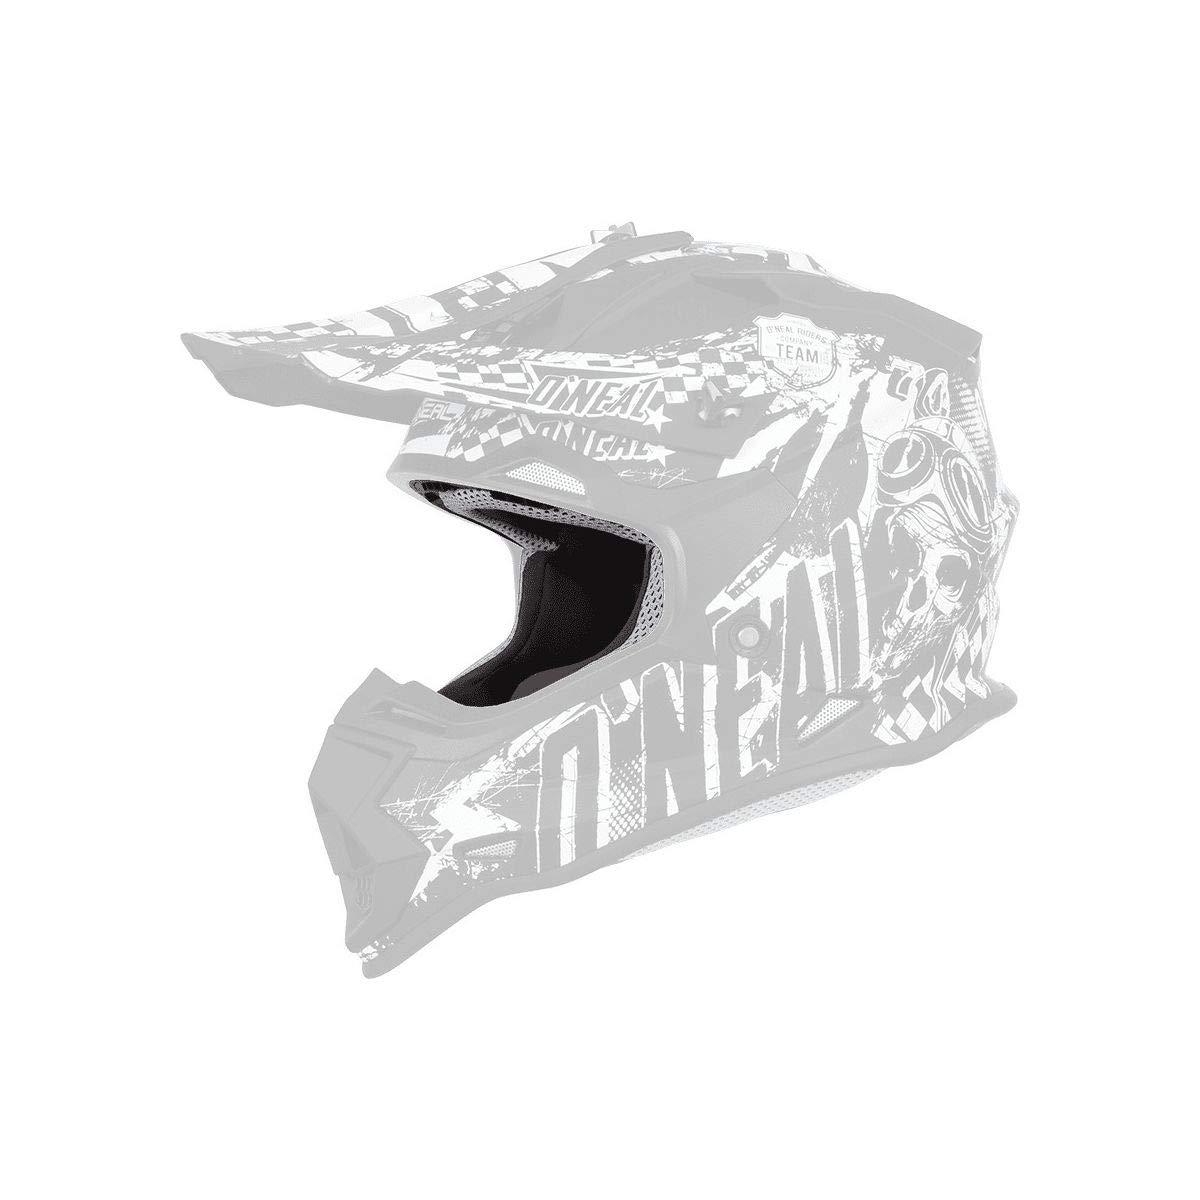 iBellete Casco da Motocross per Fuori-Strada 4PCS Set di caschi da Corsa da Strada per Casco Integrale da Corsa Four Seasons Cross-Country con Occhiali Maschera e Guanti